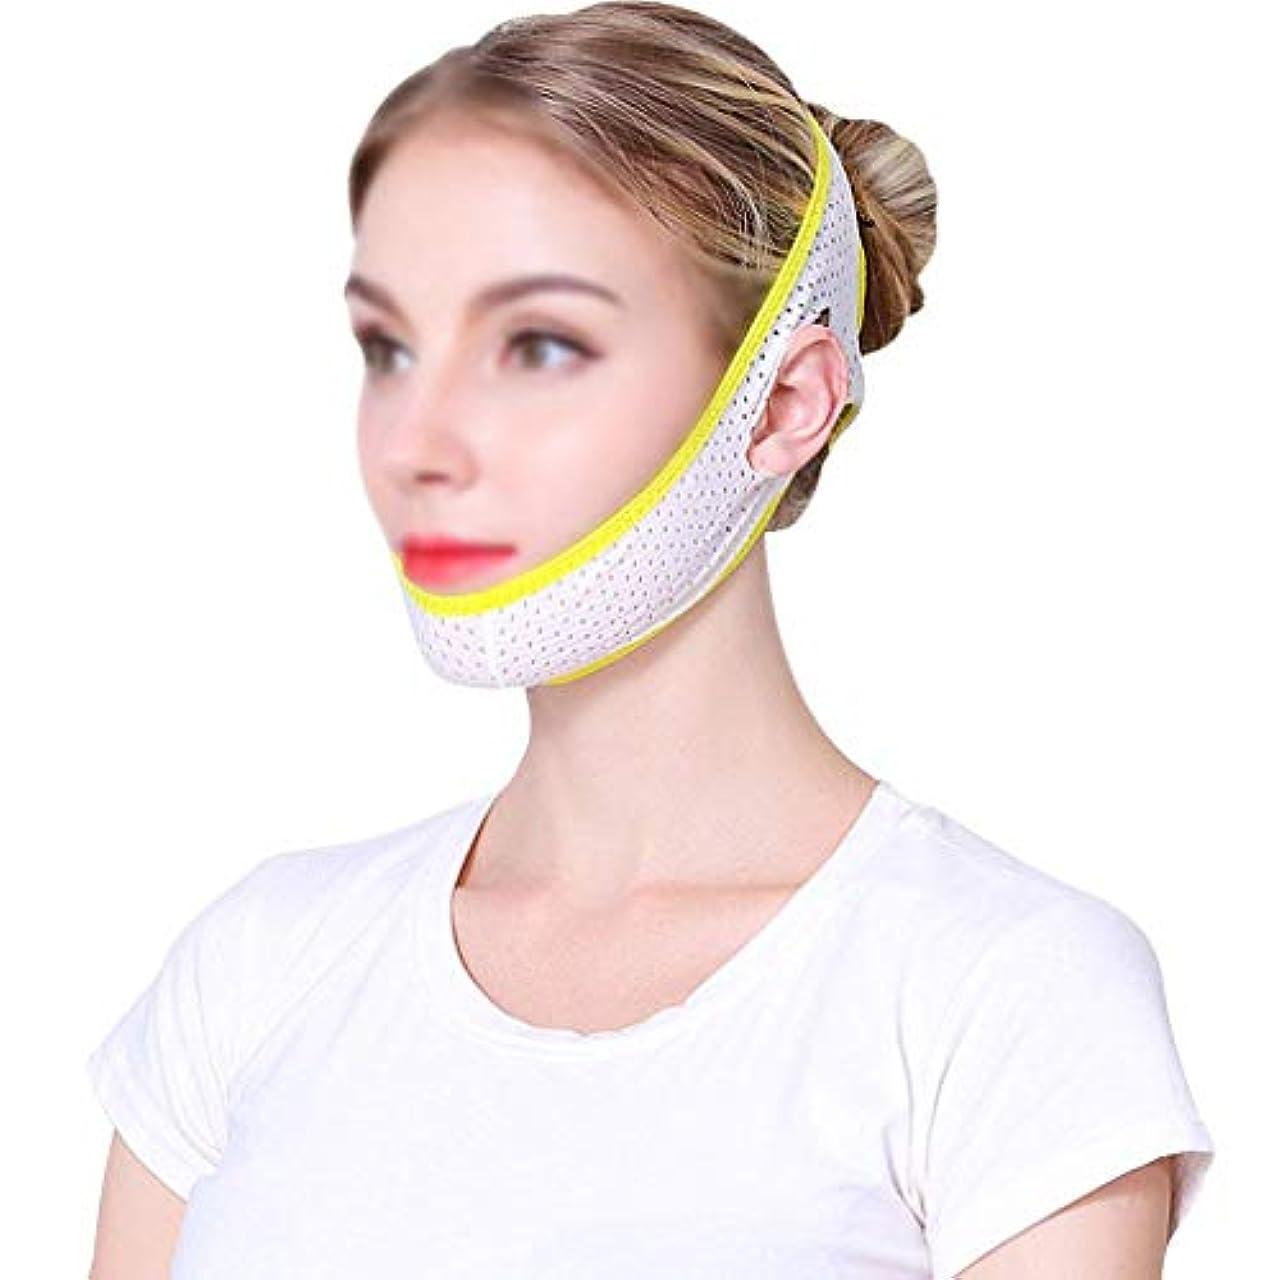 フォーク政治的キャンパスリフトマスクマスク、夏の通気性の薄いセクションダブルチンストラップVフェイス薄いフェイスマスク